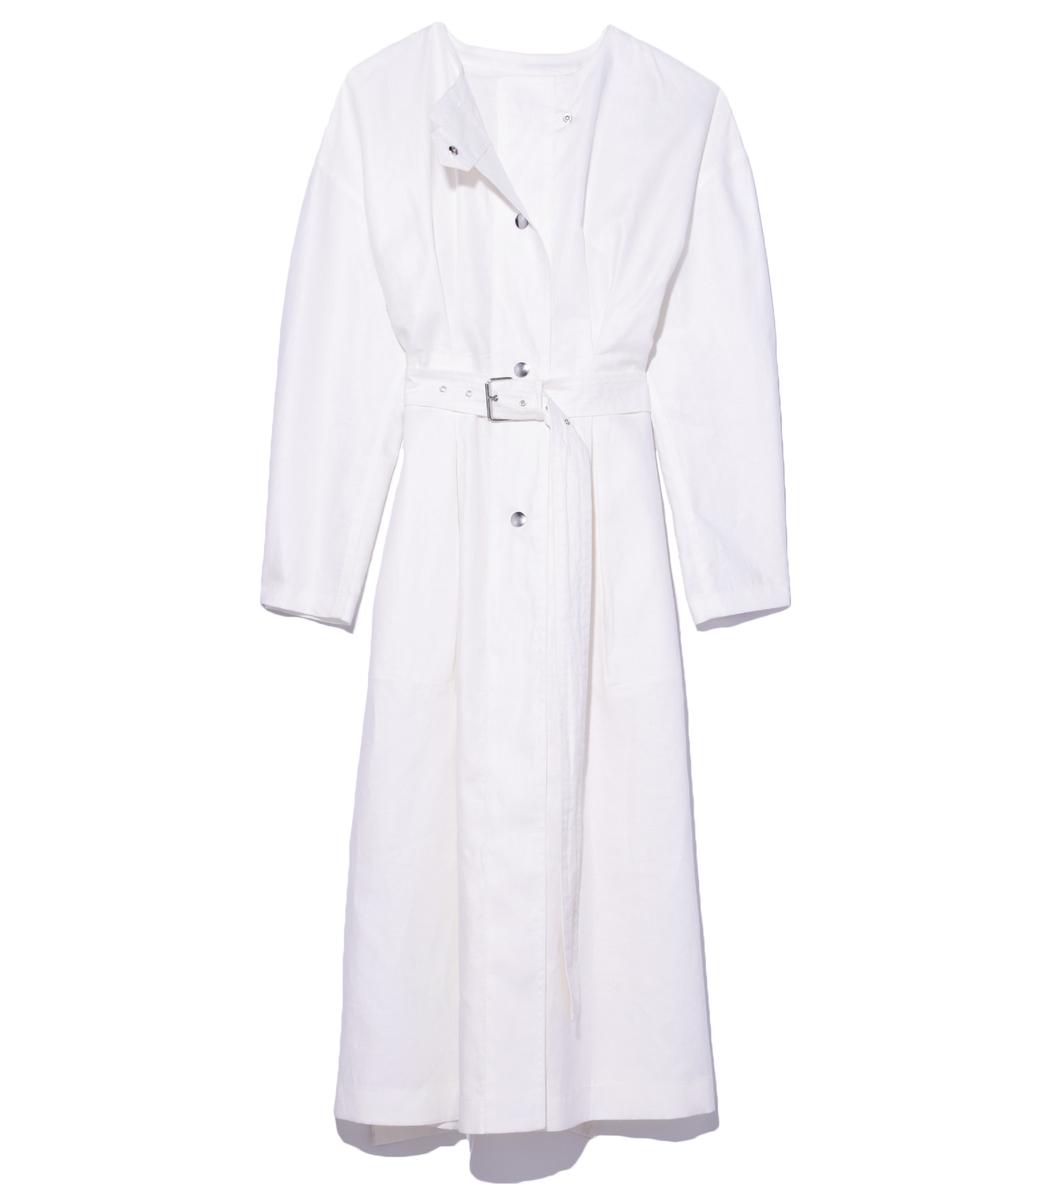 White dress coat -  White Ivo Dress Coat Prev